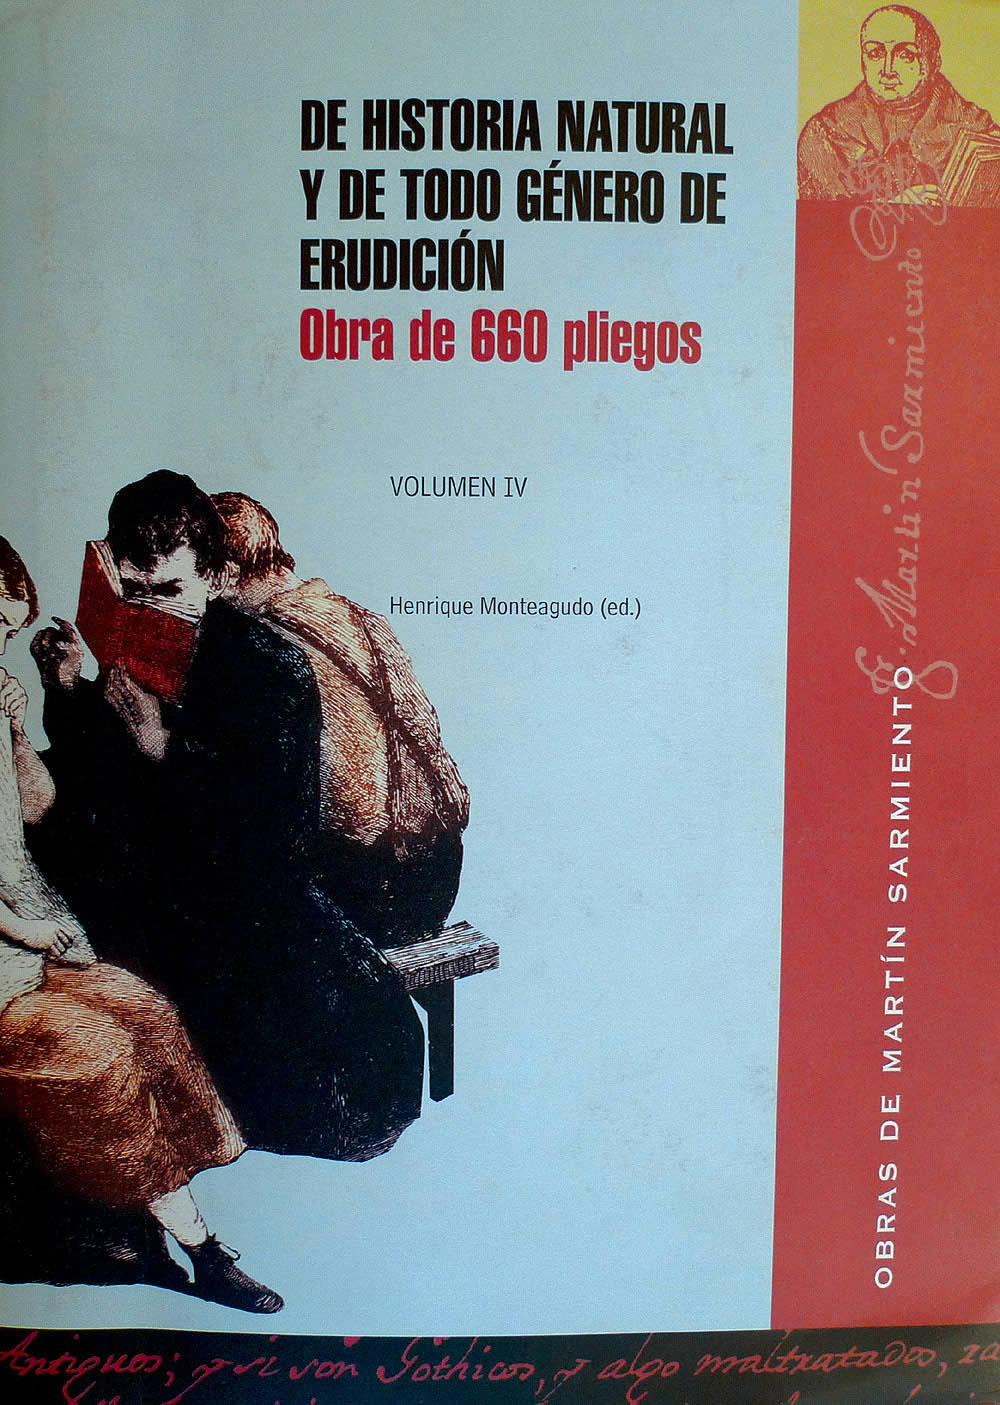 Portada de  De historia natural y todo género de erudición. Volumen IV